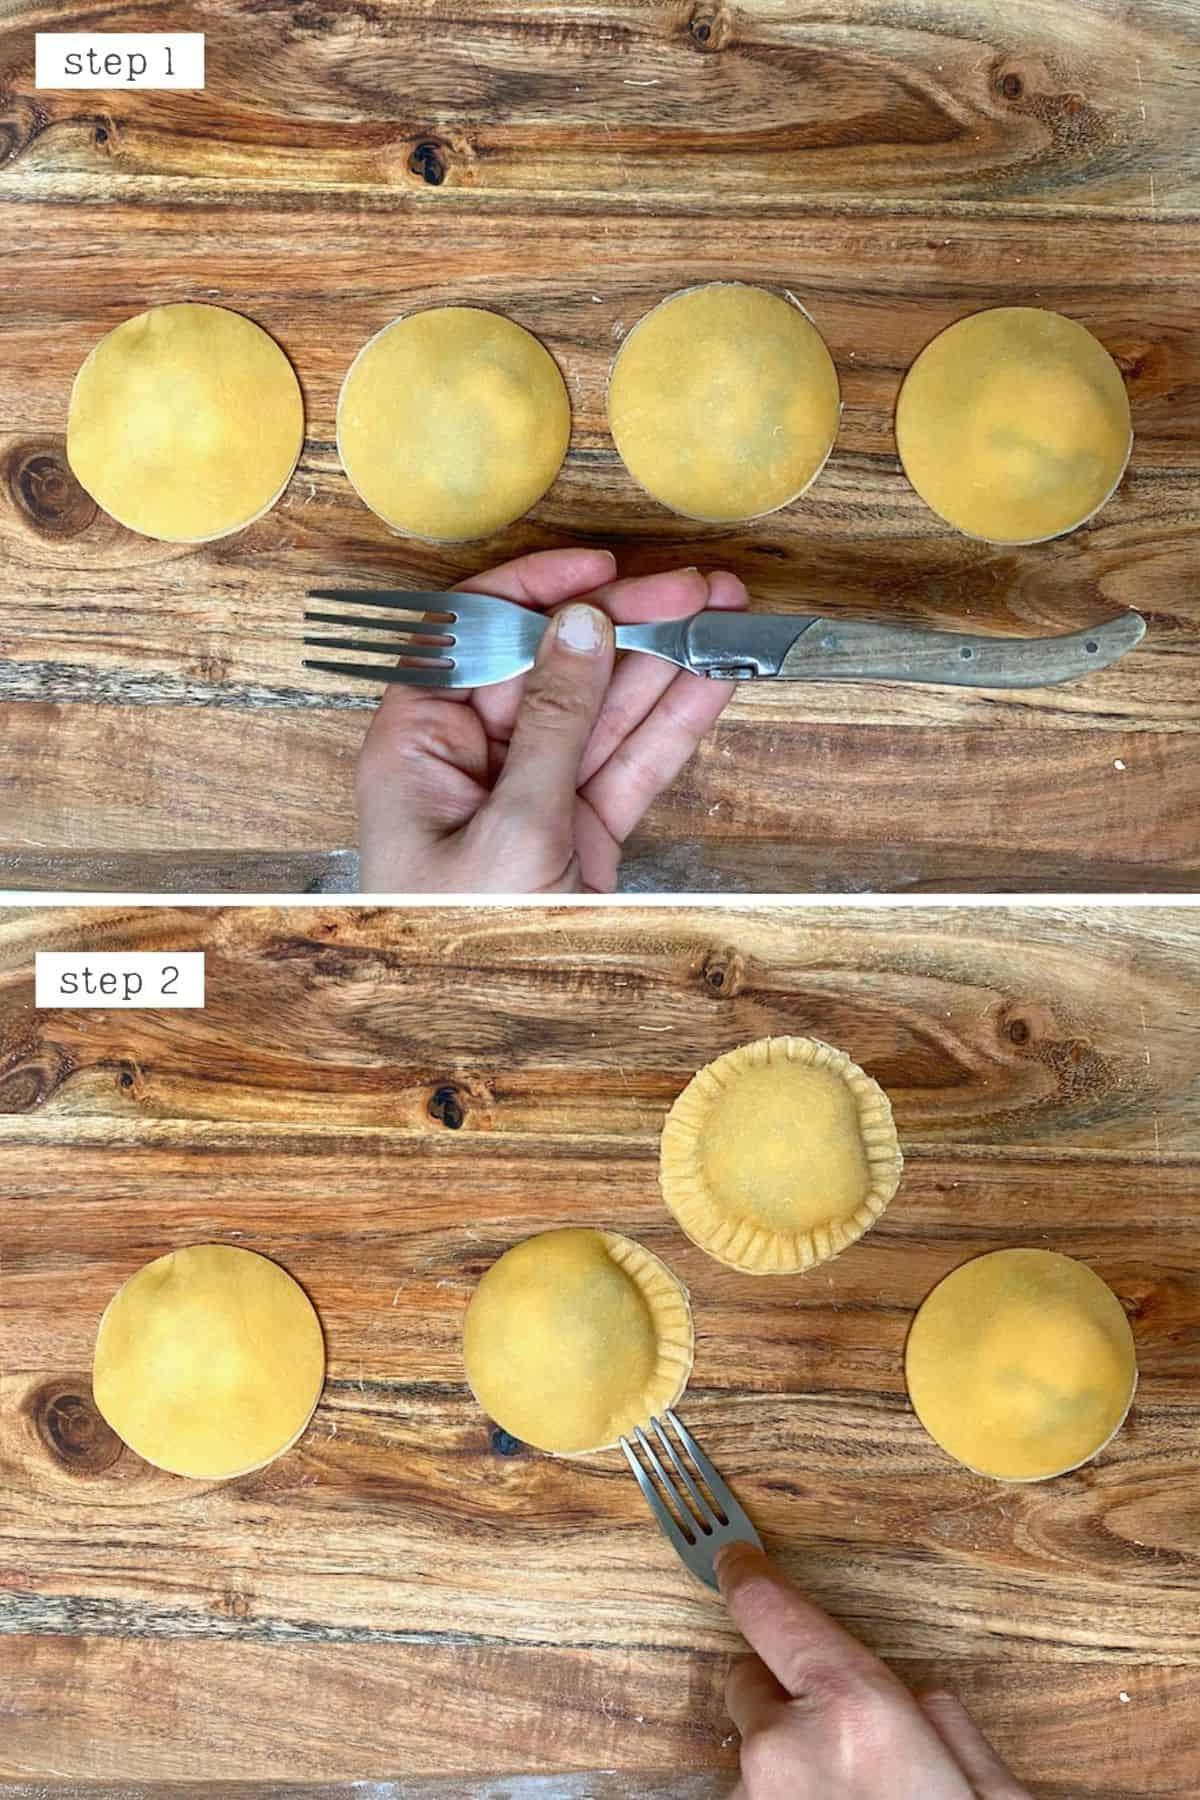 Steps for sealing ravioli